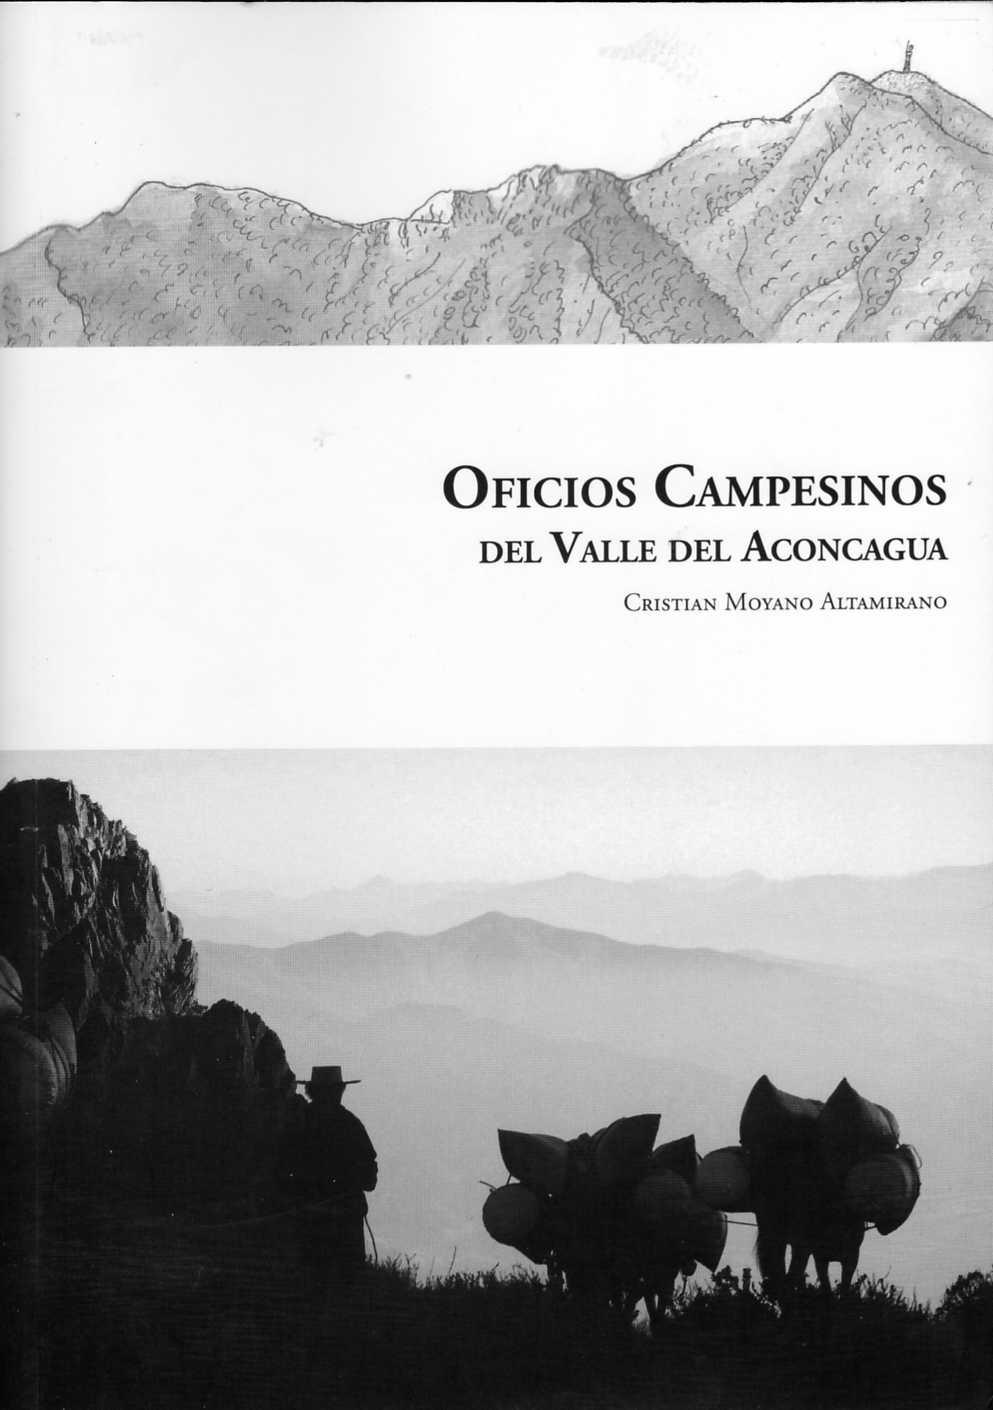 Oficios Campesinos del Valle del Aconcagua